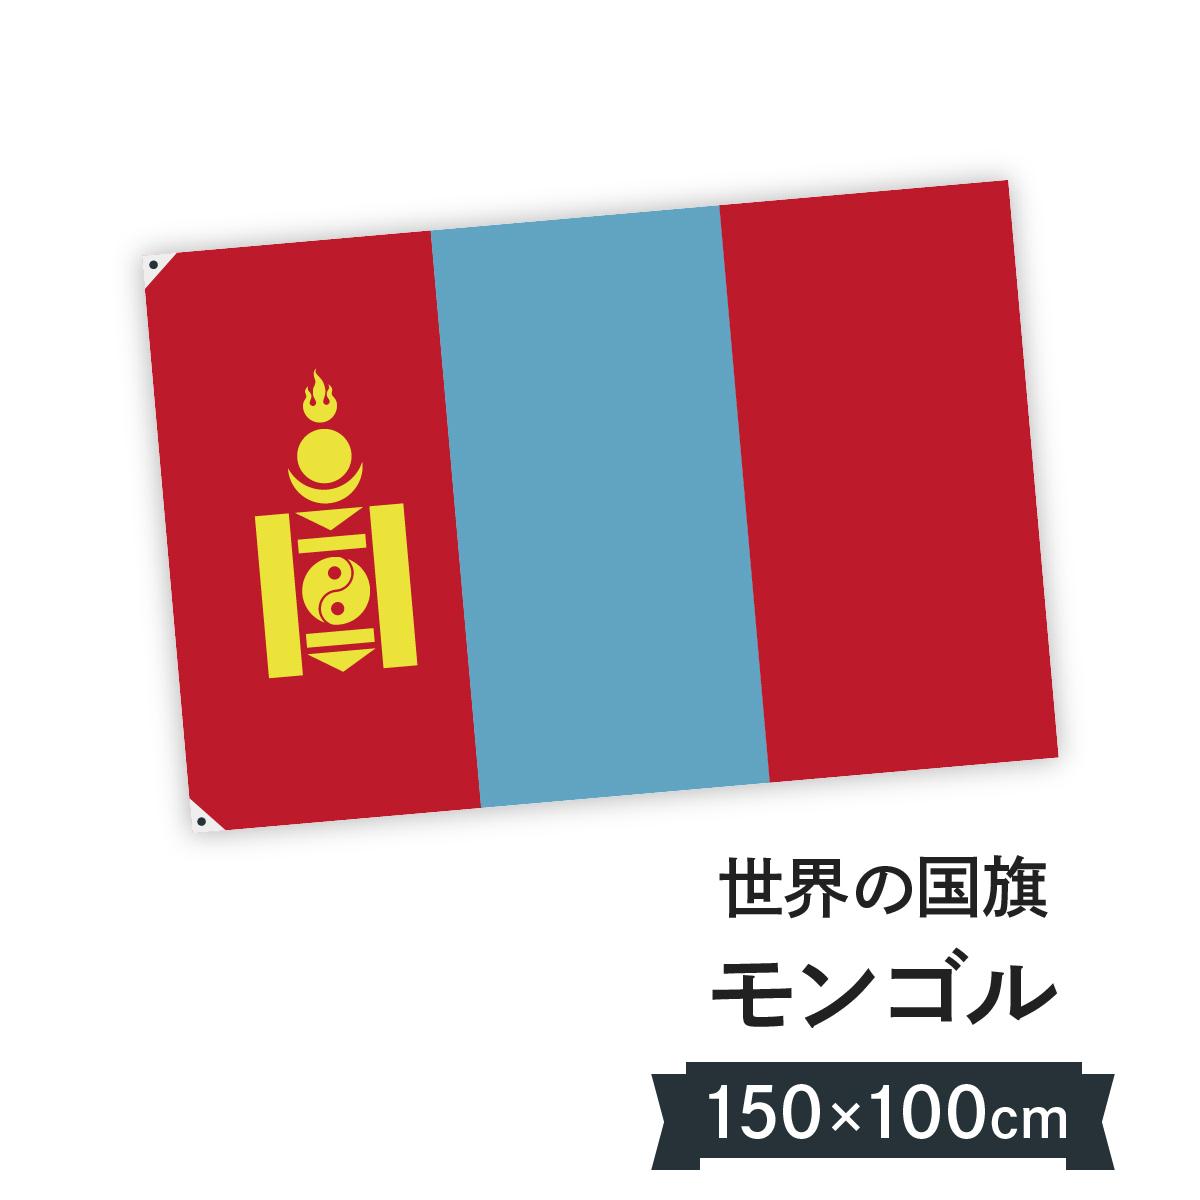 モンゴル国 国旗 W150cm H100cm